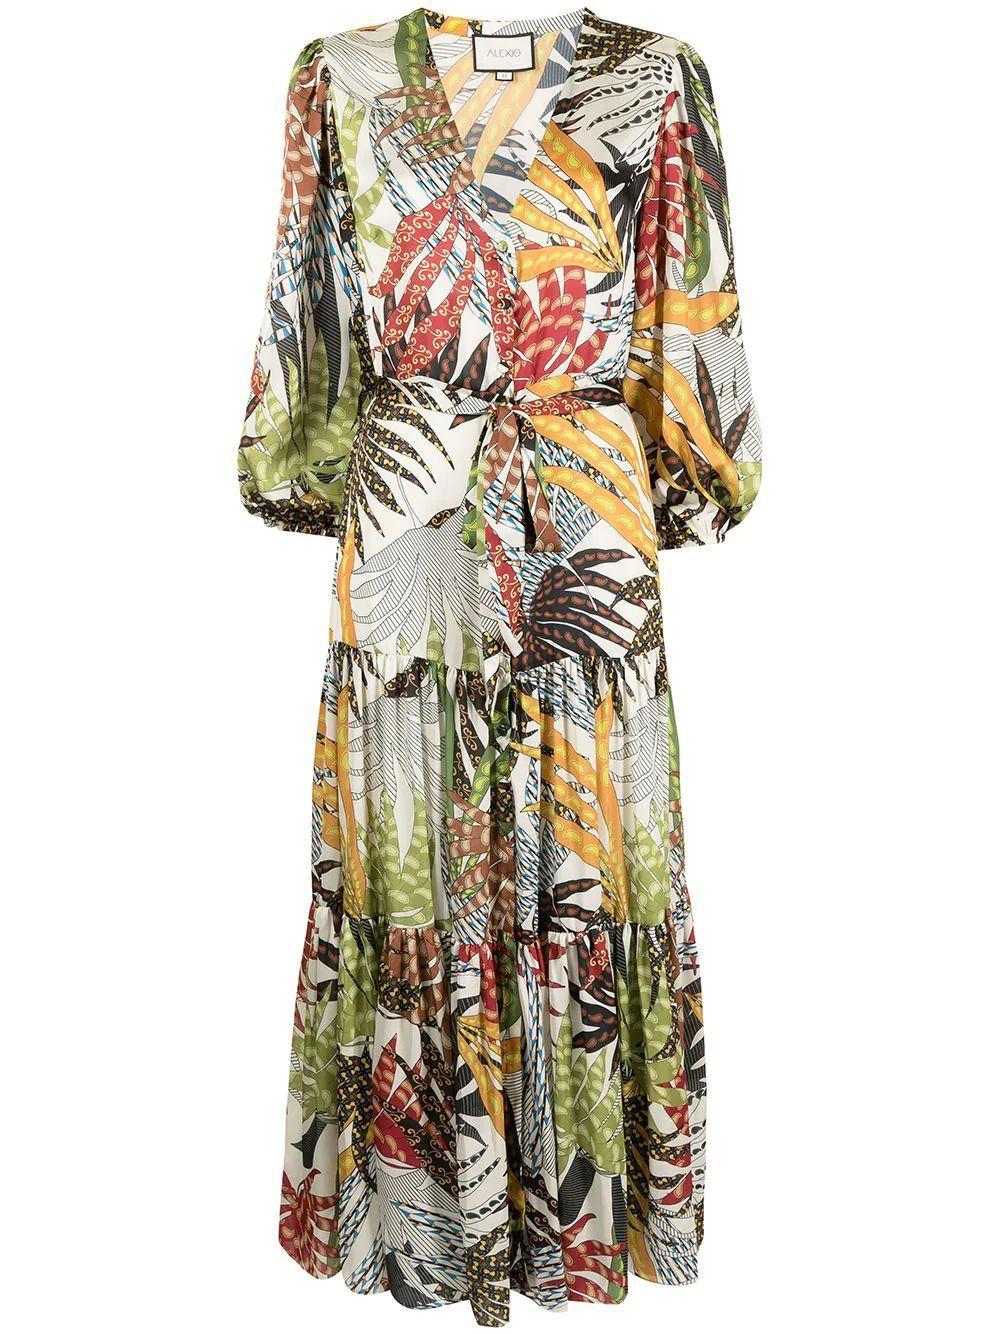 Terena Printed Dress